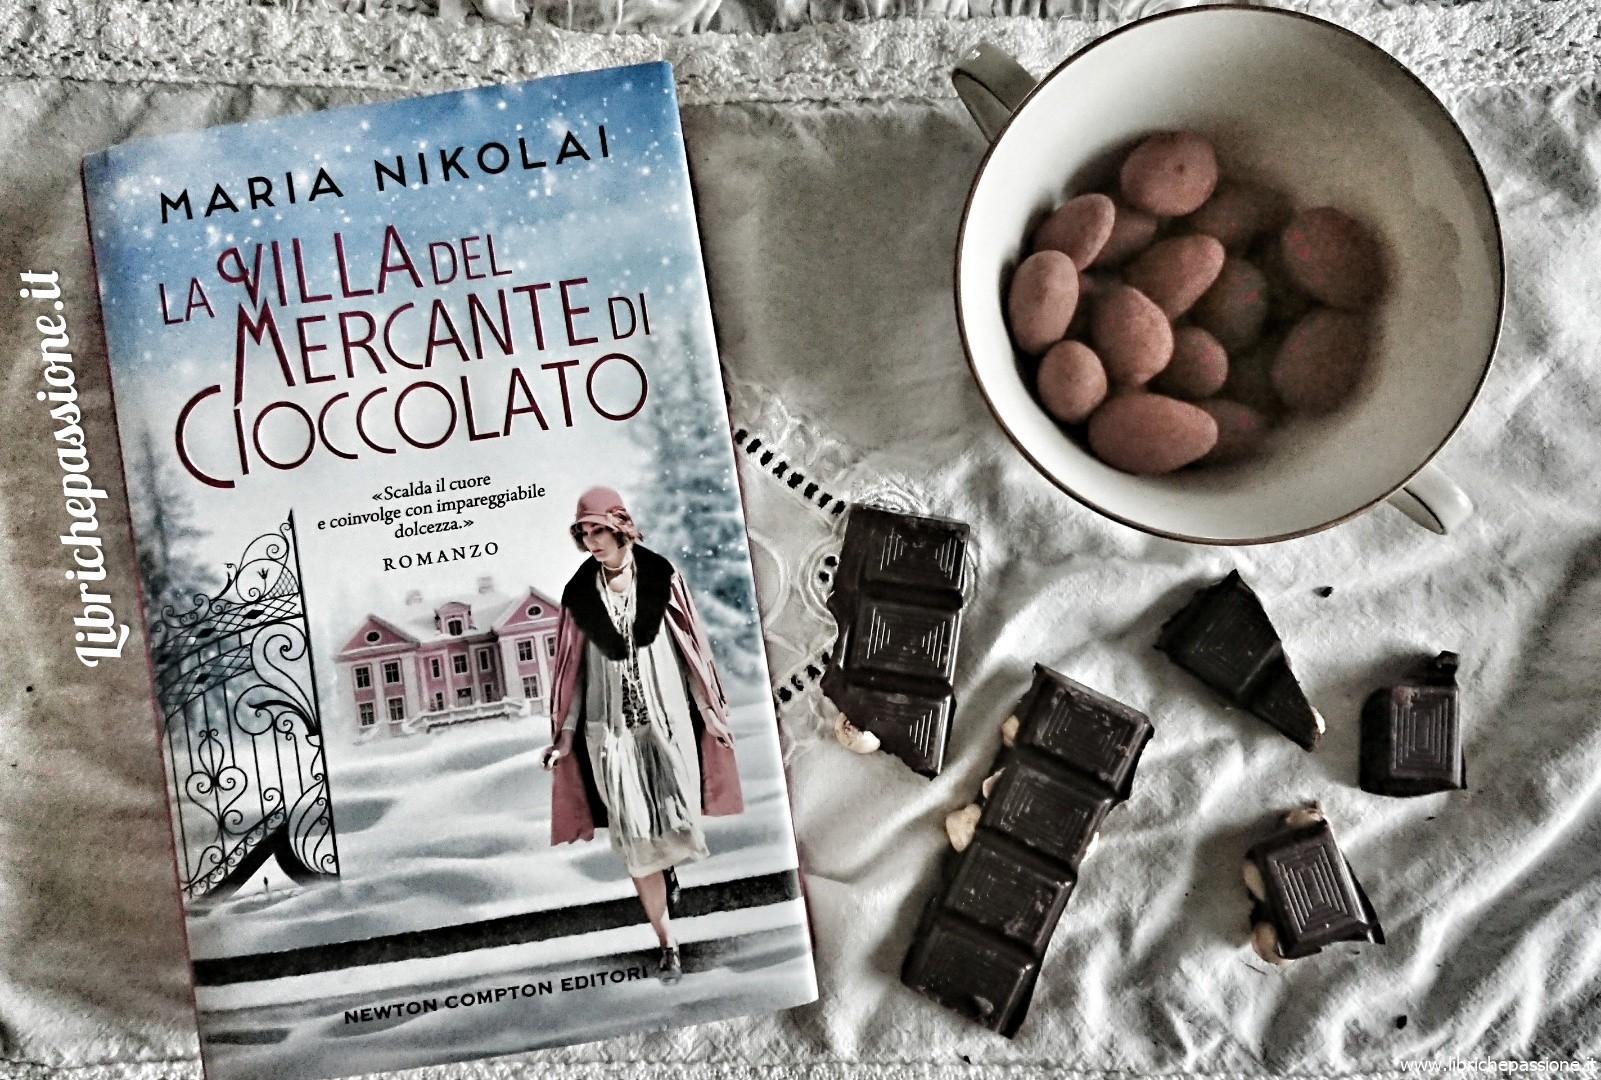 """Recensione del romanzo """"La Villa del Mercante di cioccolato"""" di Maria Nikolai edito da Newton Compton Editori"""